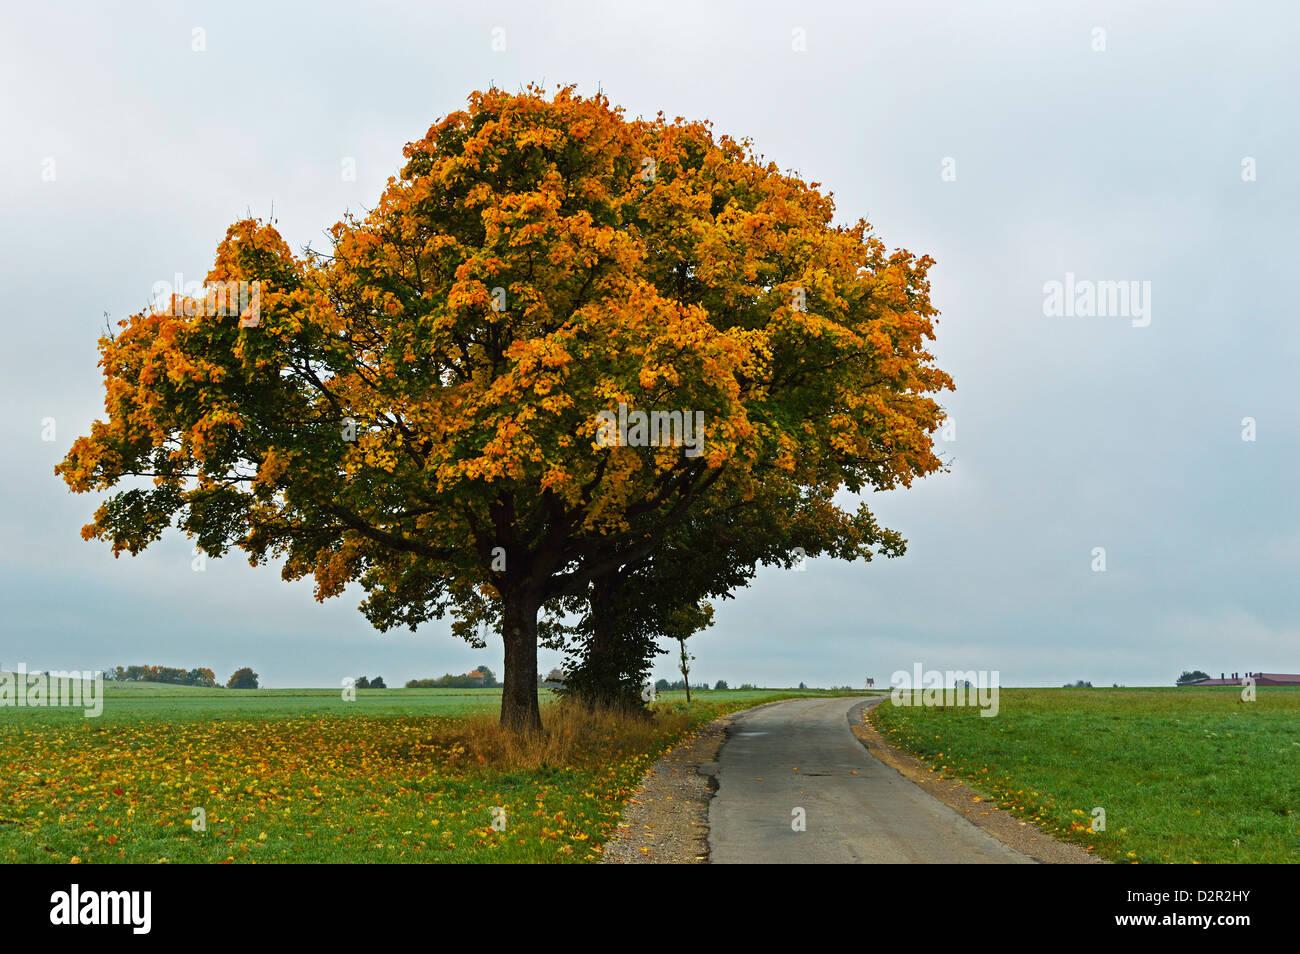 Arbre d'érable aux couleurs de l'automne, près de Villingen-Schwenningen, forêt noire, forêt Photo Stock